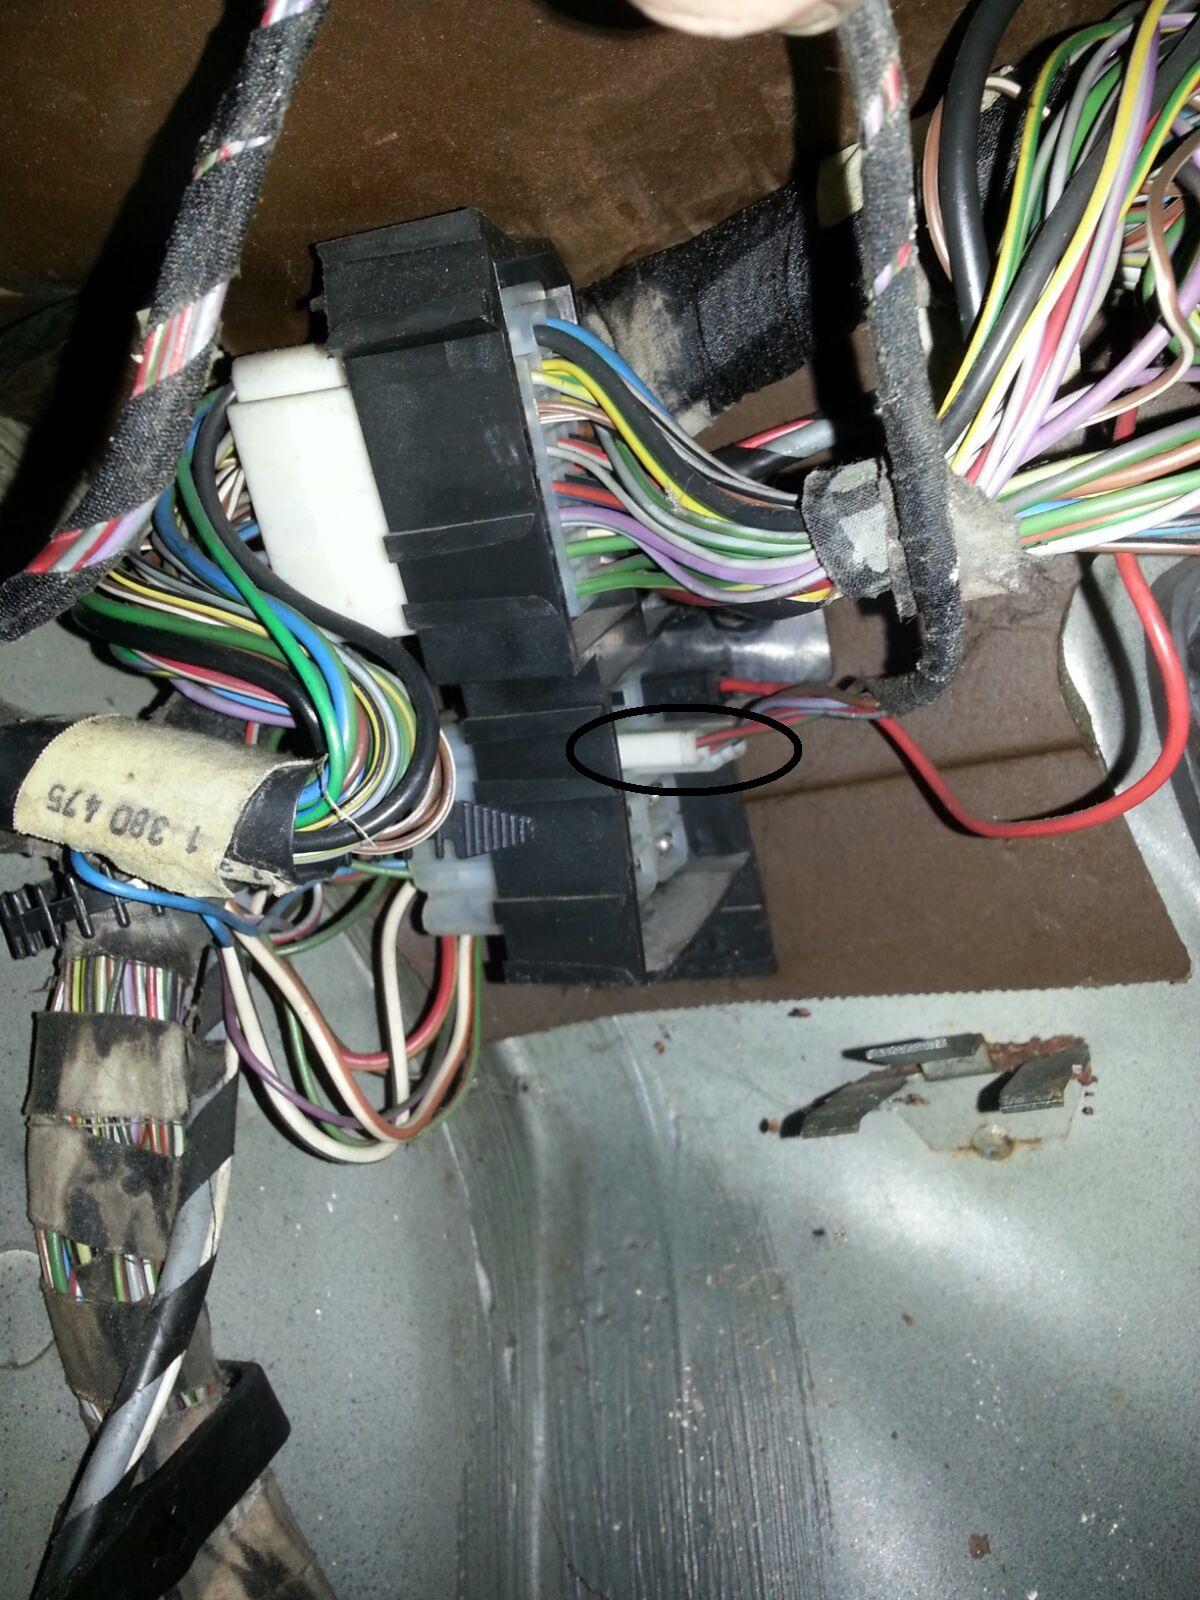 Radio anschließen - welches Kabel für was? - Car-HiFi & Navigation ...